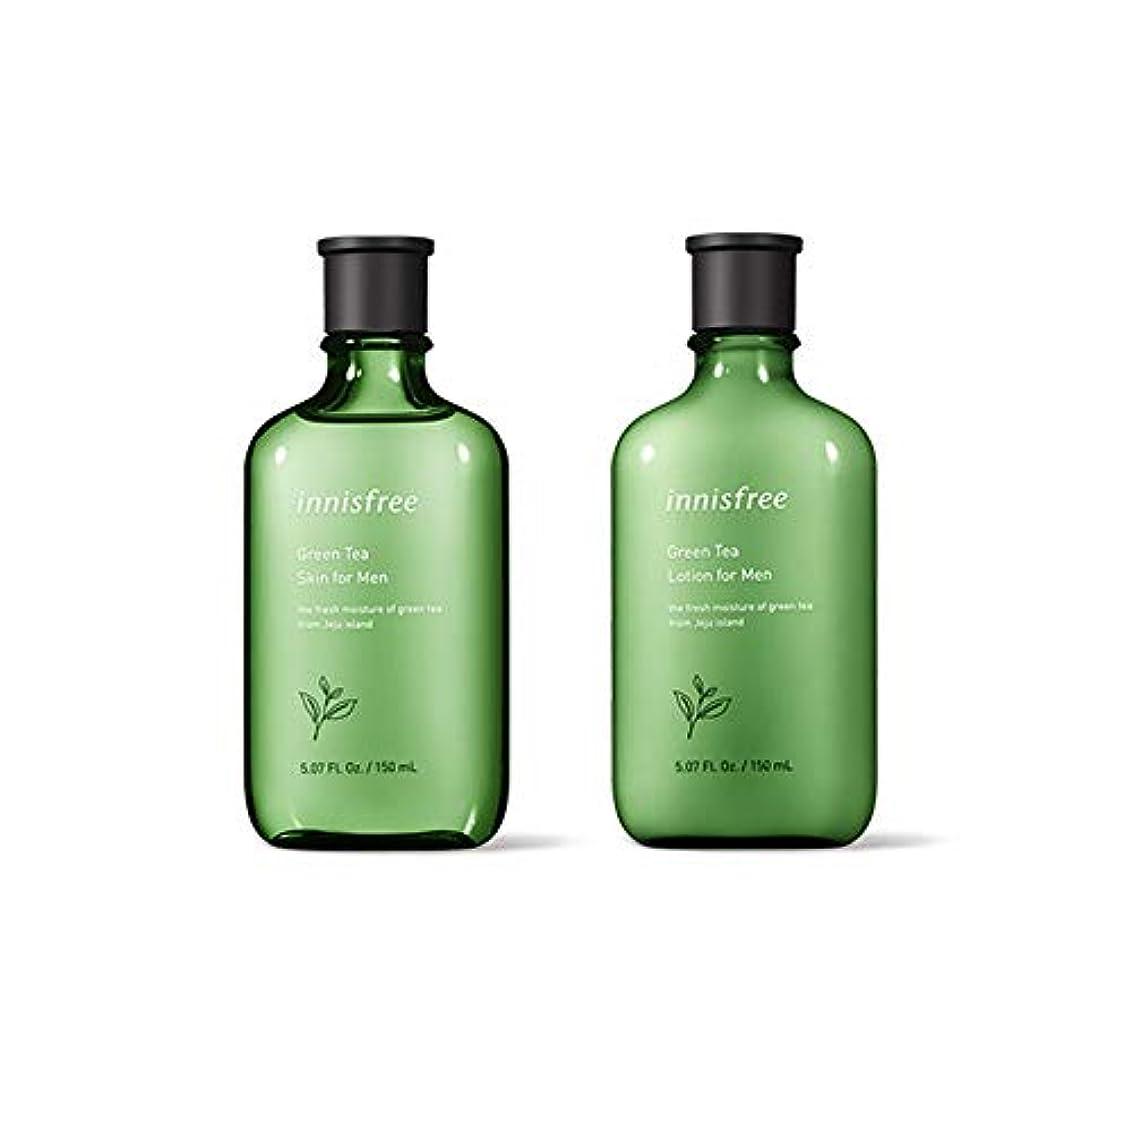 キャンベラ薬を飲むタウポ湖イニスフリー Innisfree グリーンティースキン & ローションセットフォーメン(150ml+150ml) Innisfree Green Tea Skin & Lotion Set For Men(150ml+150ml...